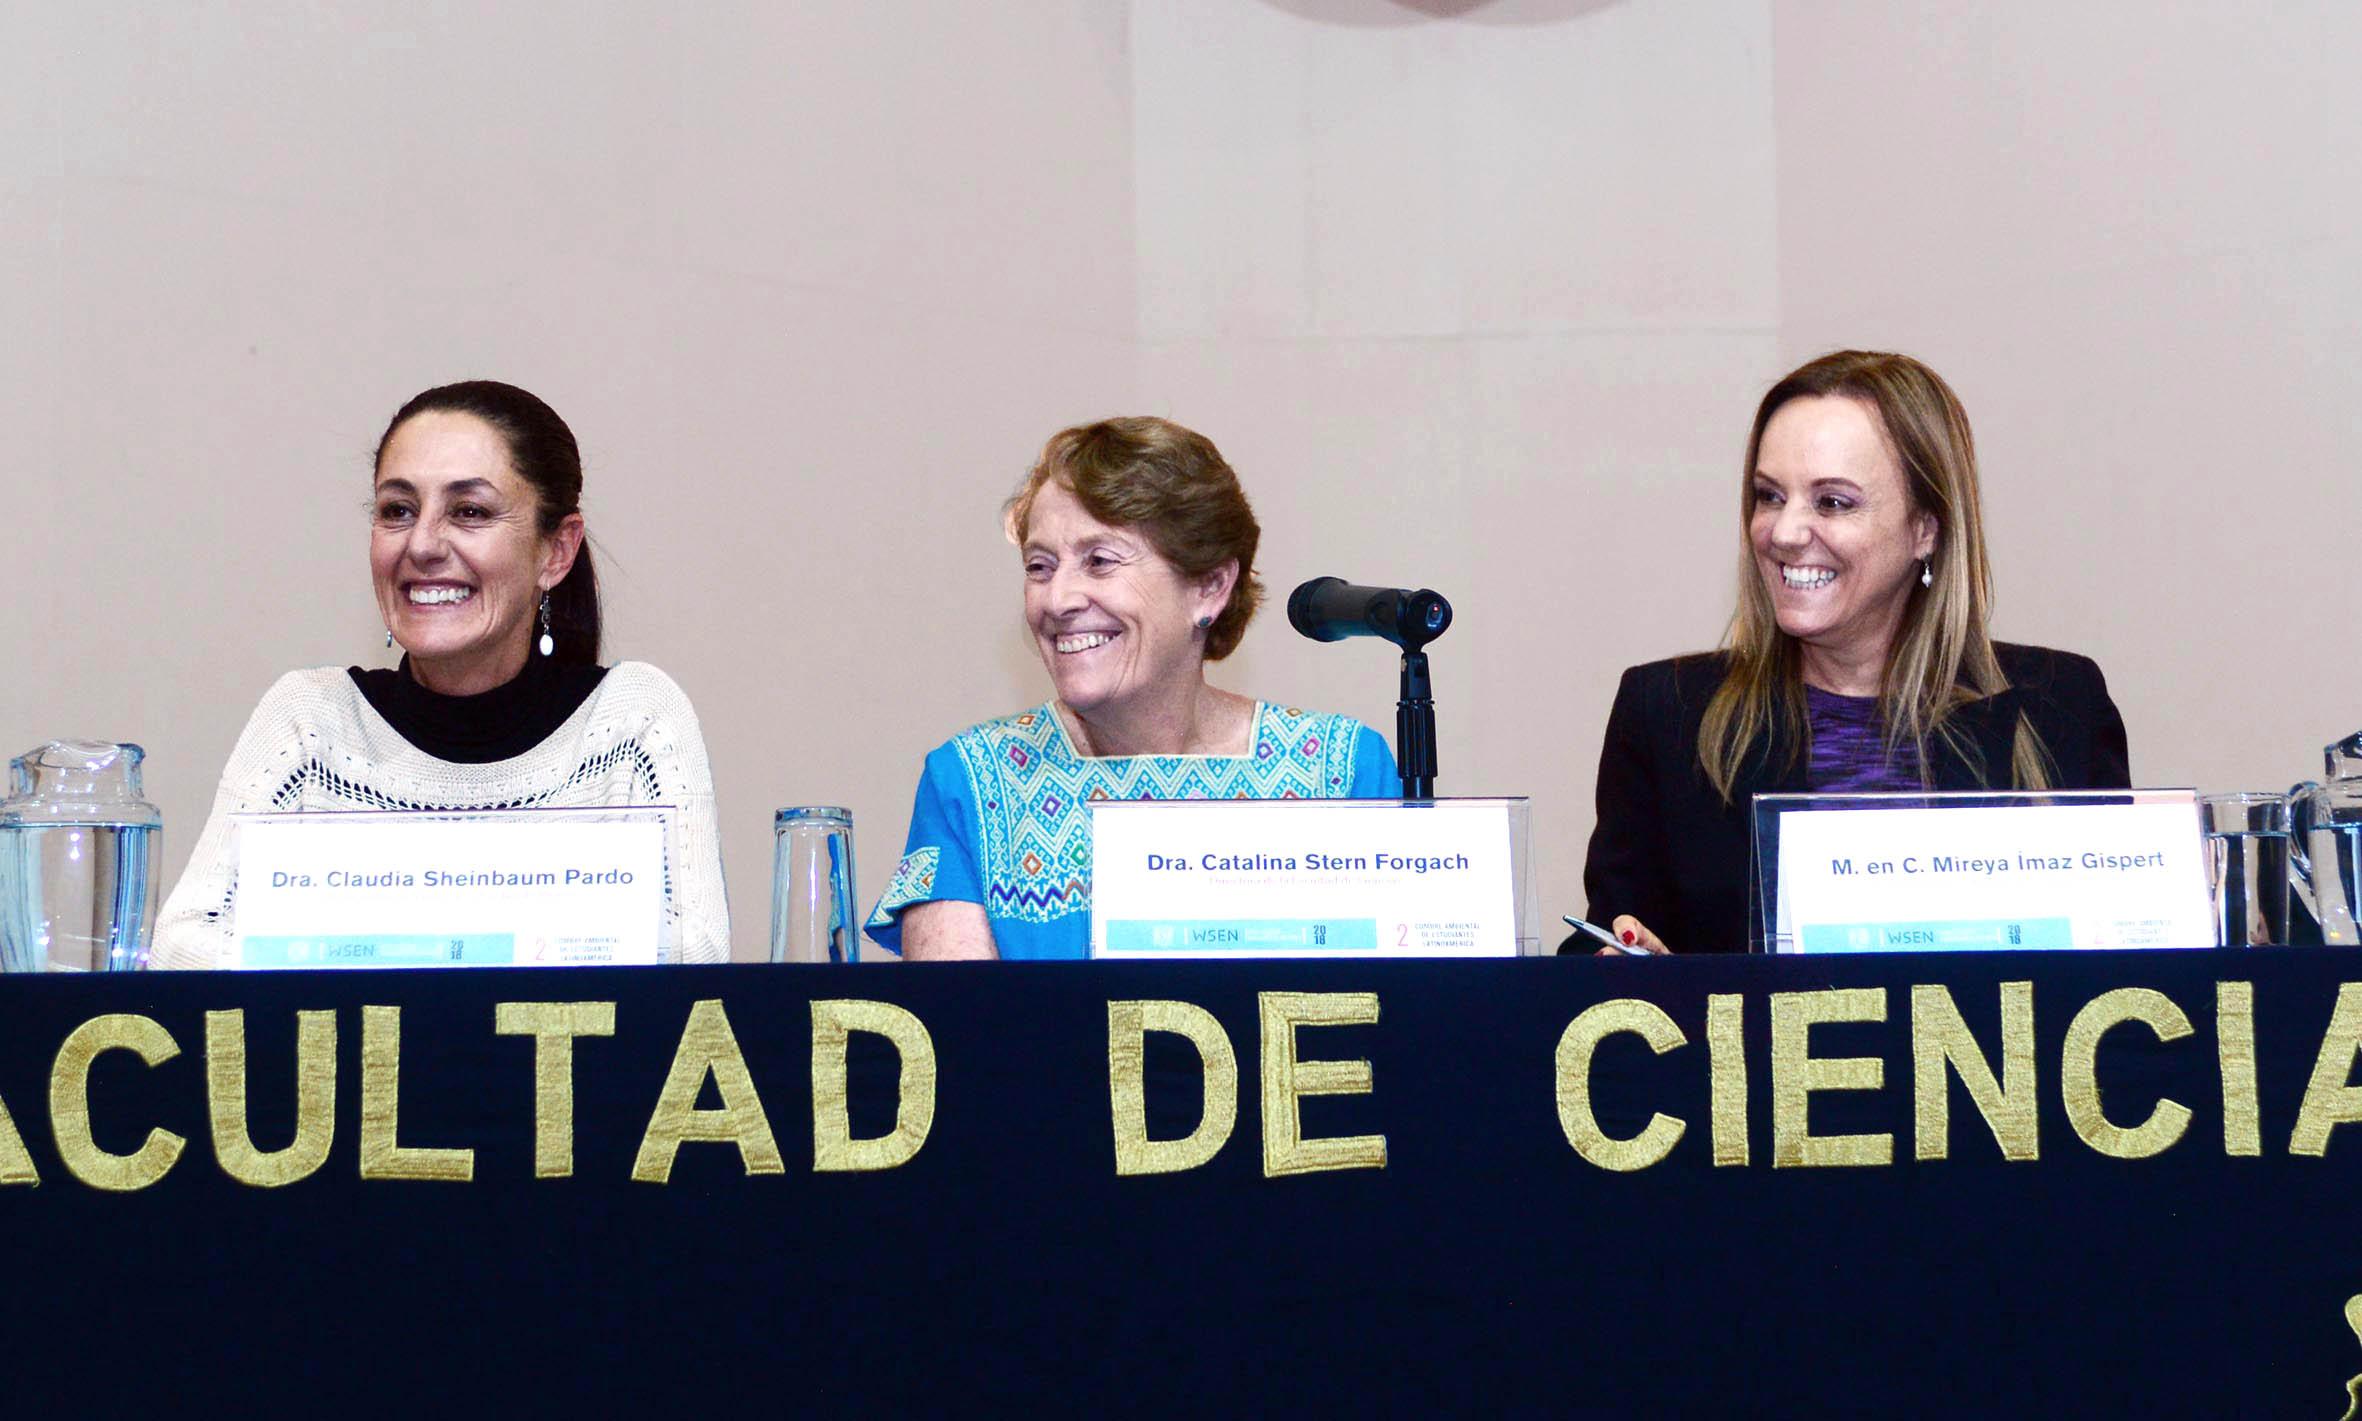 Partidos - Sheinbaum, pieza clave del lopezobradorismo - El Andén - Diario  de grilla urbana, política chilanga y noticias de la CDMX